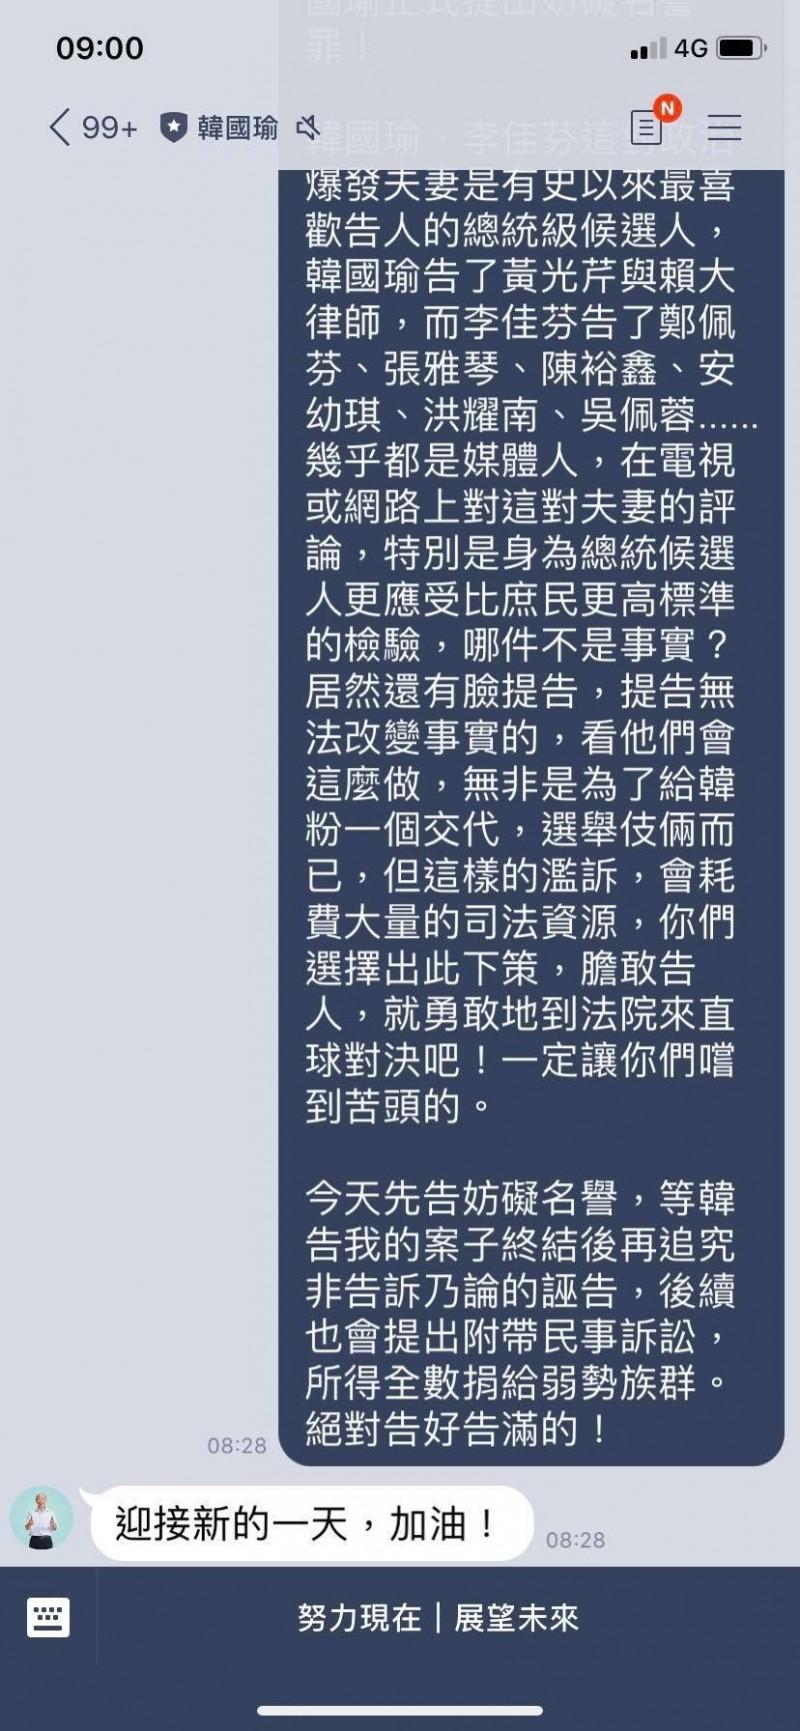 賴坤成今天傳line給韓國瑜告知要控告他妨害名譽,韓回貼「迎接新的一天,加油」。(記者黃明堂翻攝)